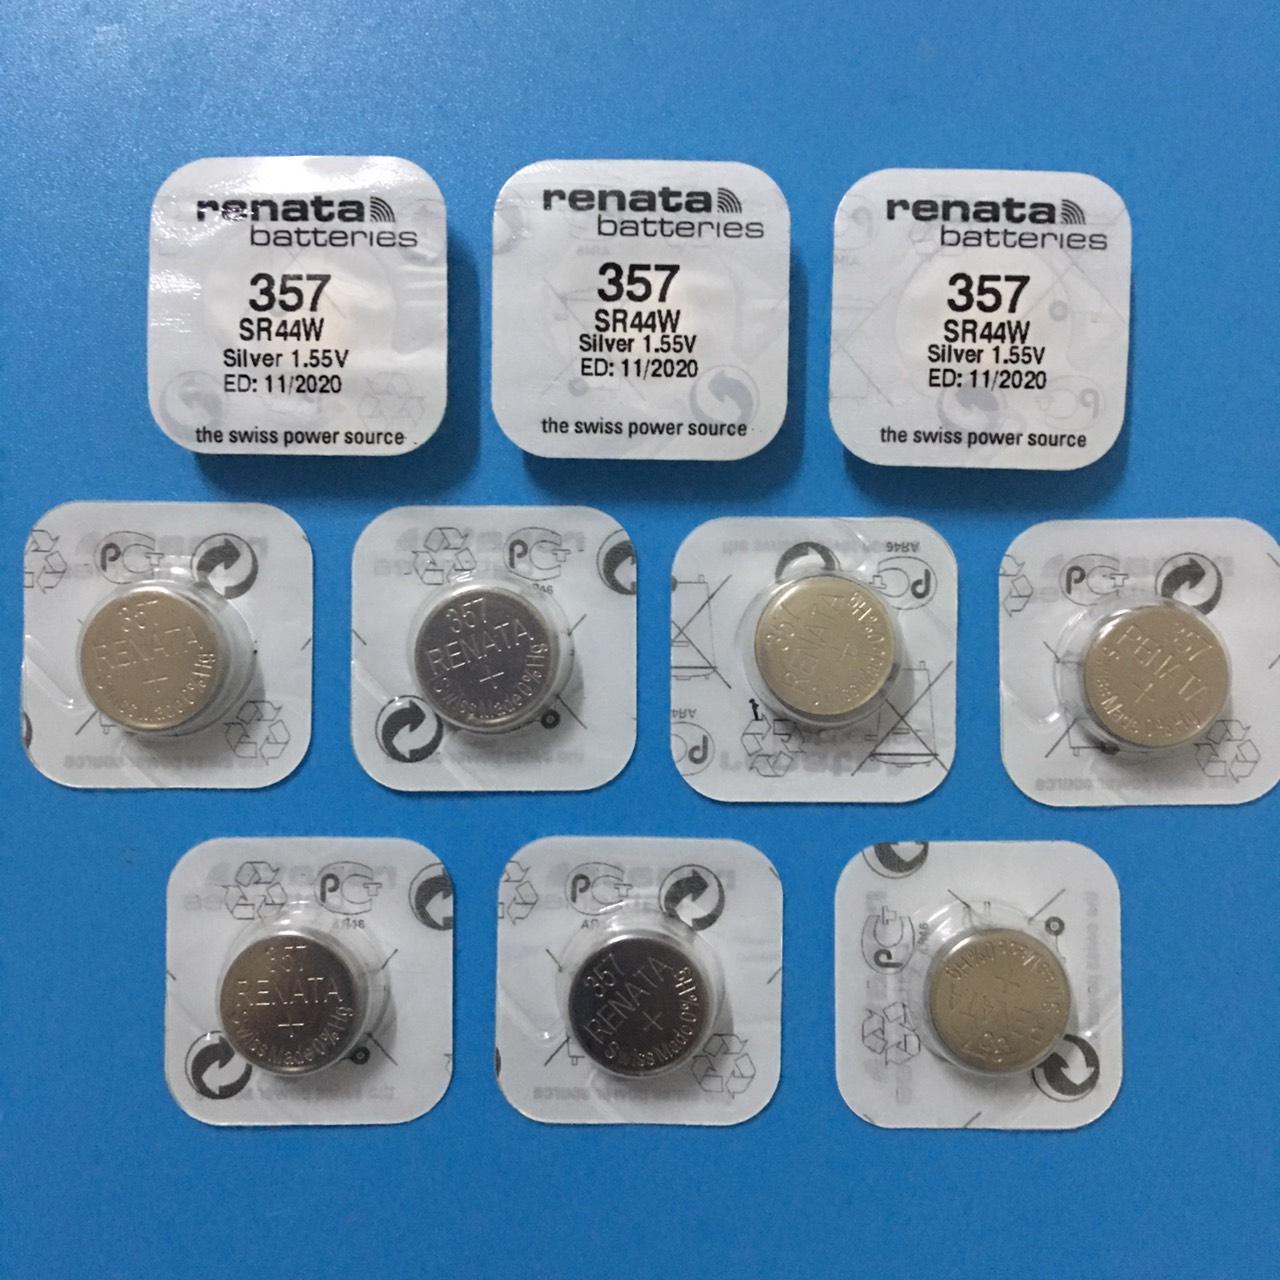 Pin SR44W/357 Renata Vỉ 1 Viên - Combo 10 viên pin sr44w Renata